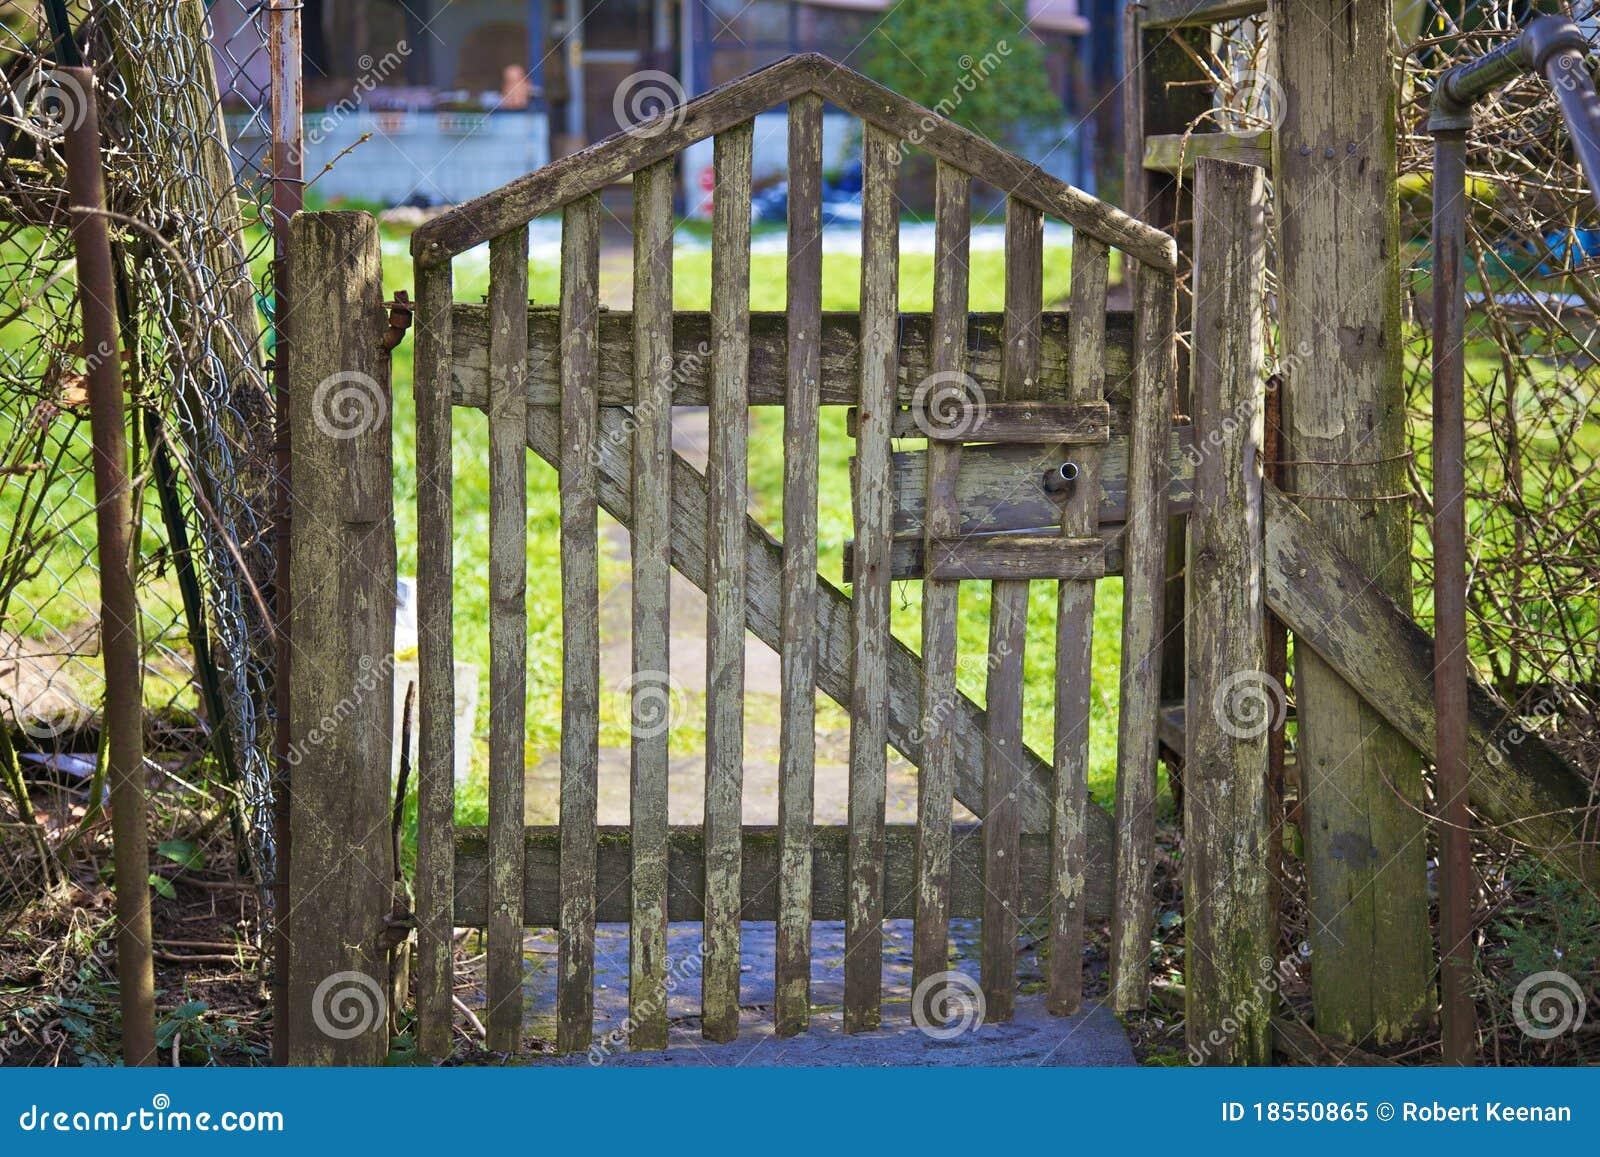 Cancello Di Legno Minecraft : Come fare un cancelletto in legno tetto in legno fai da te con